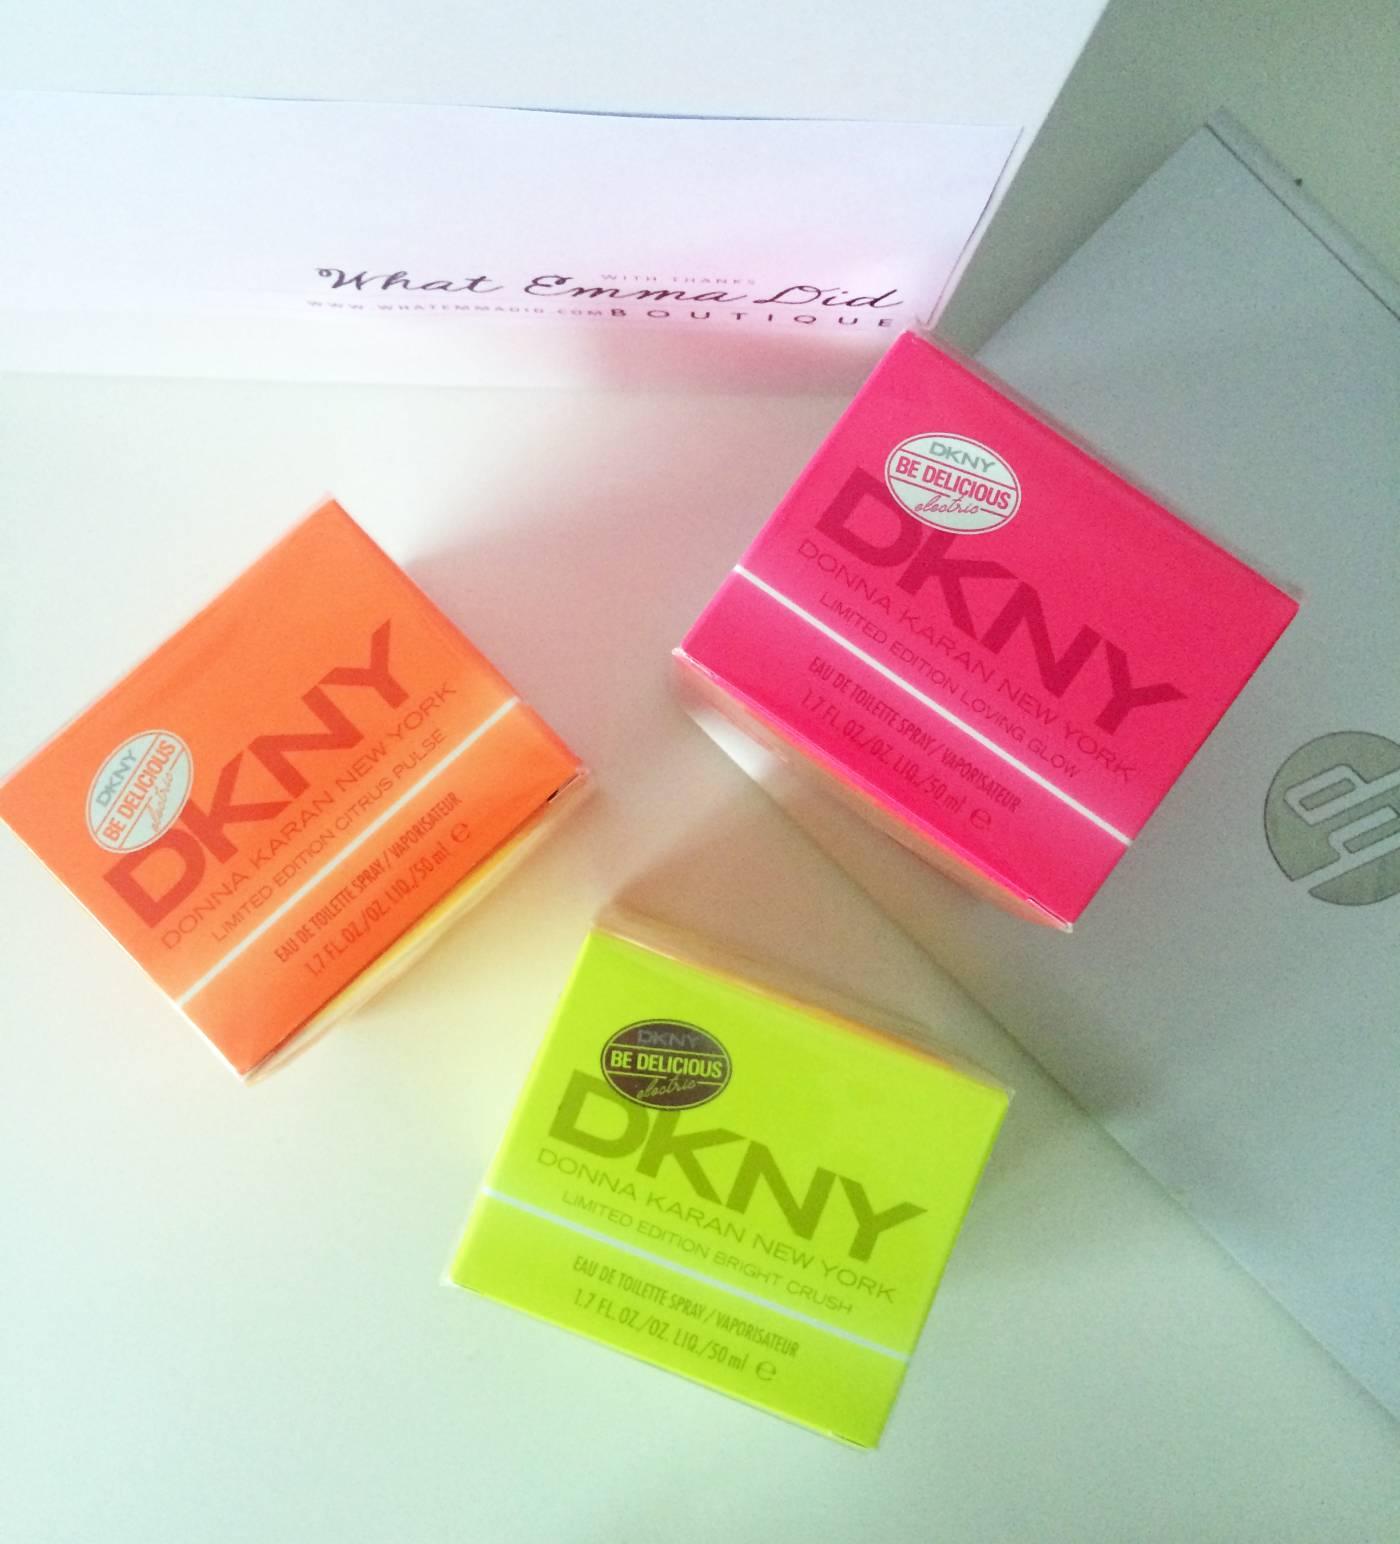 dkny citrus parfum